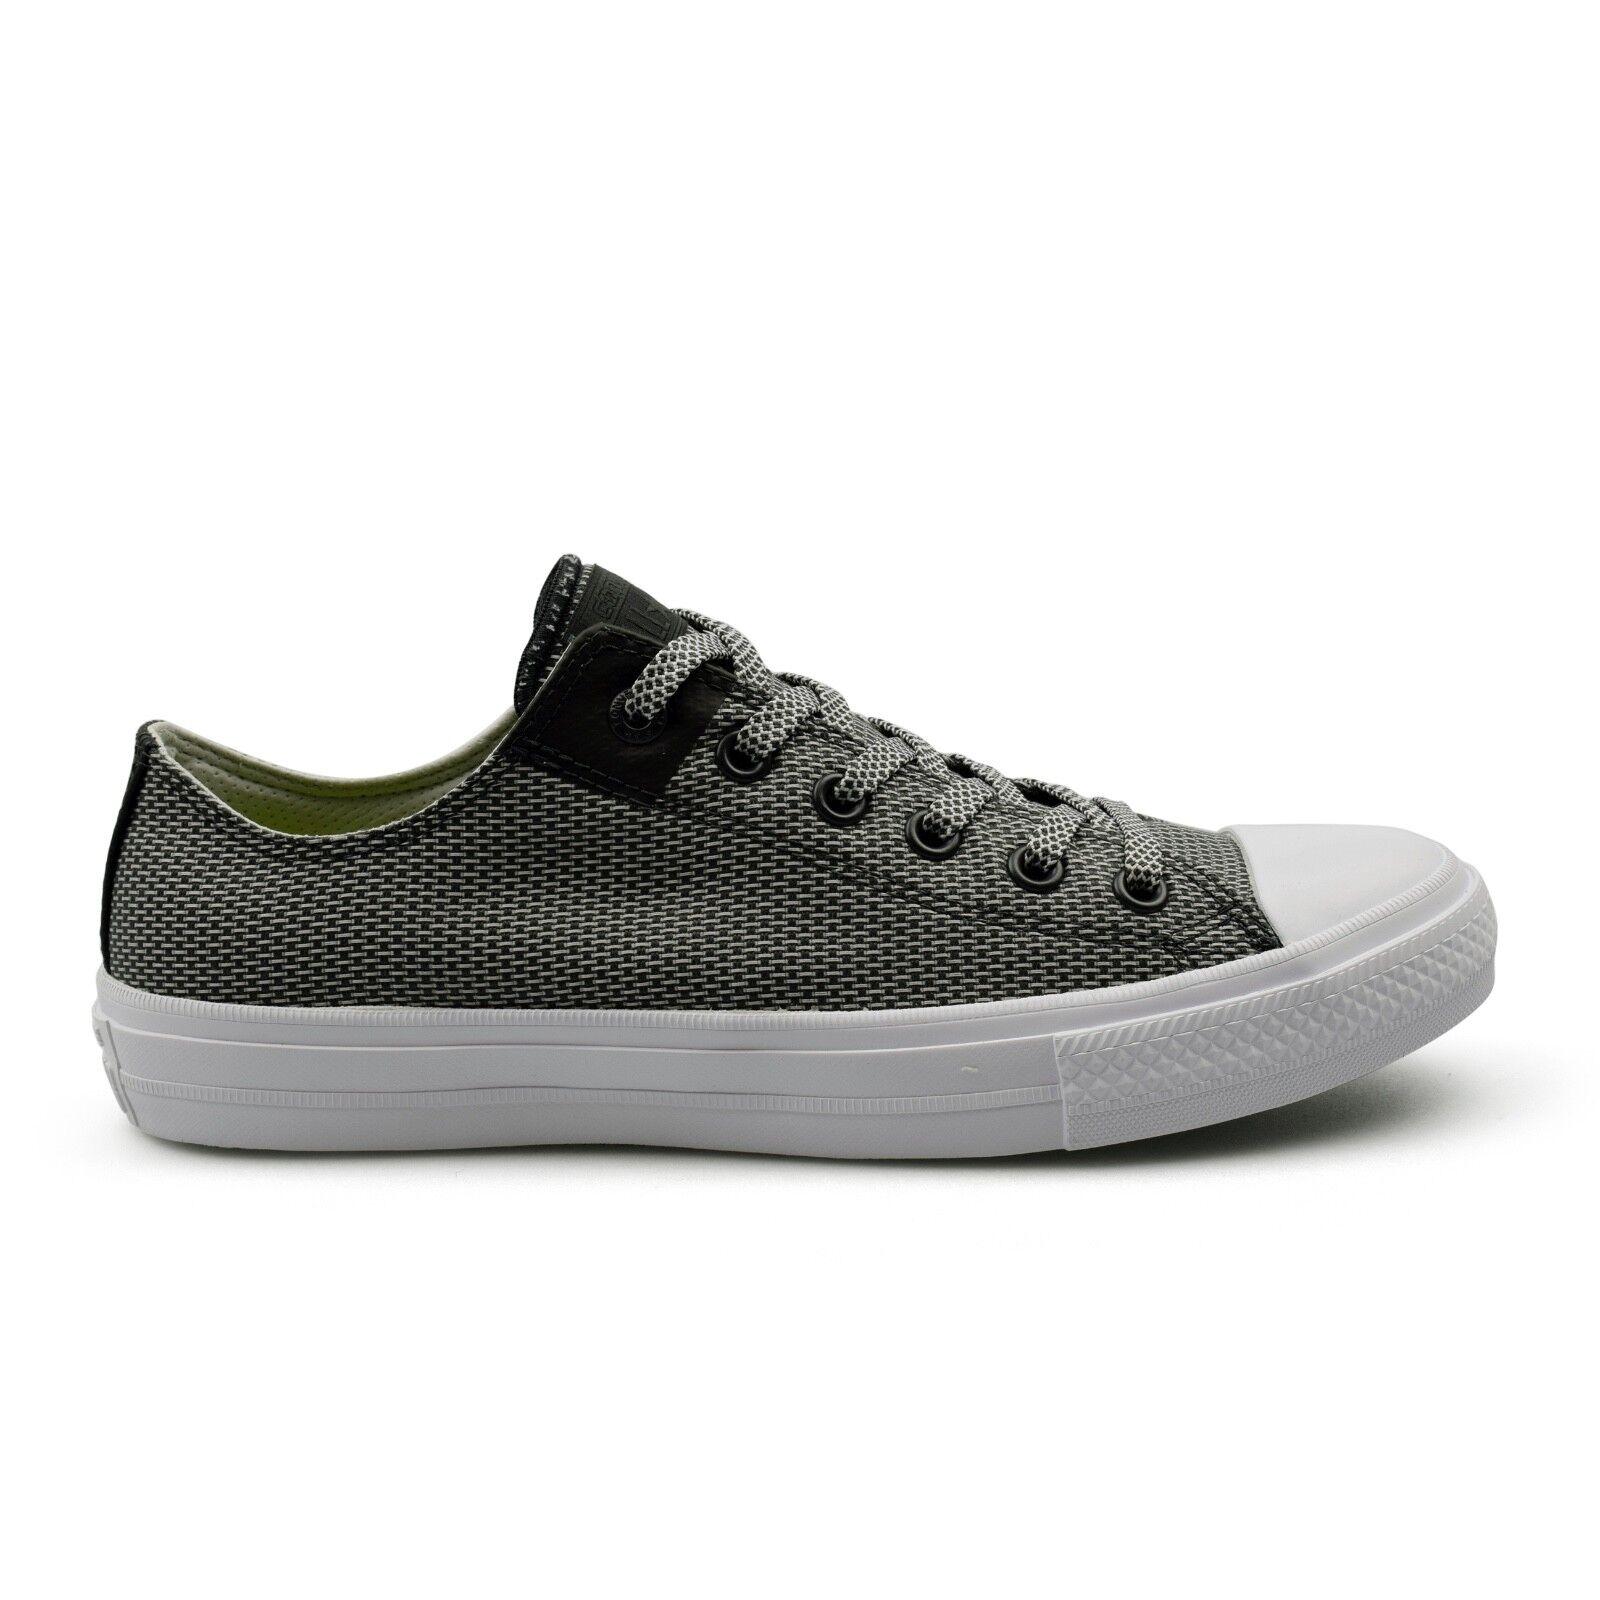 Converse Ctas Chuck Taylor All Star II BASKETWEAVE Fusibile grigio Sneaker Uomo vendita Scarpe classiche da uomo